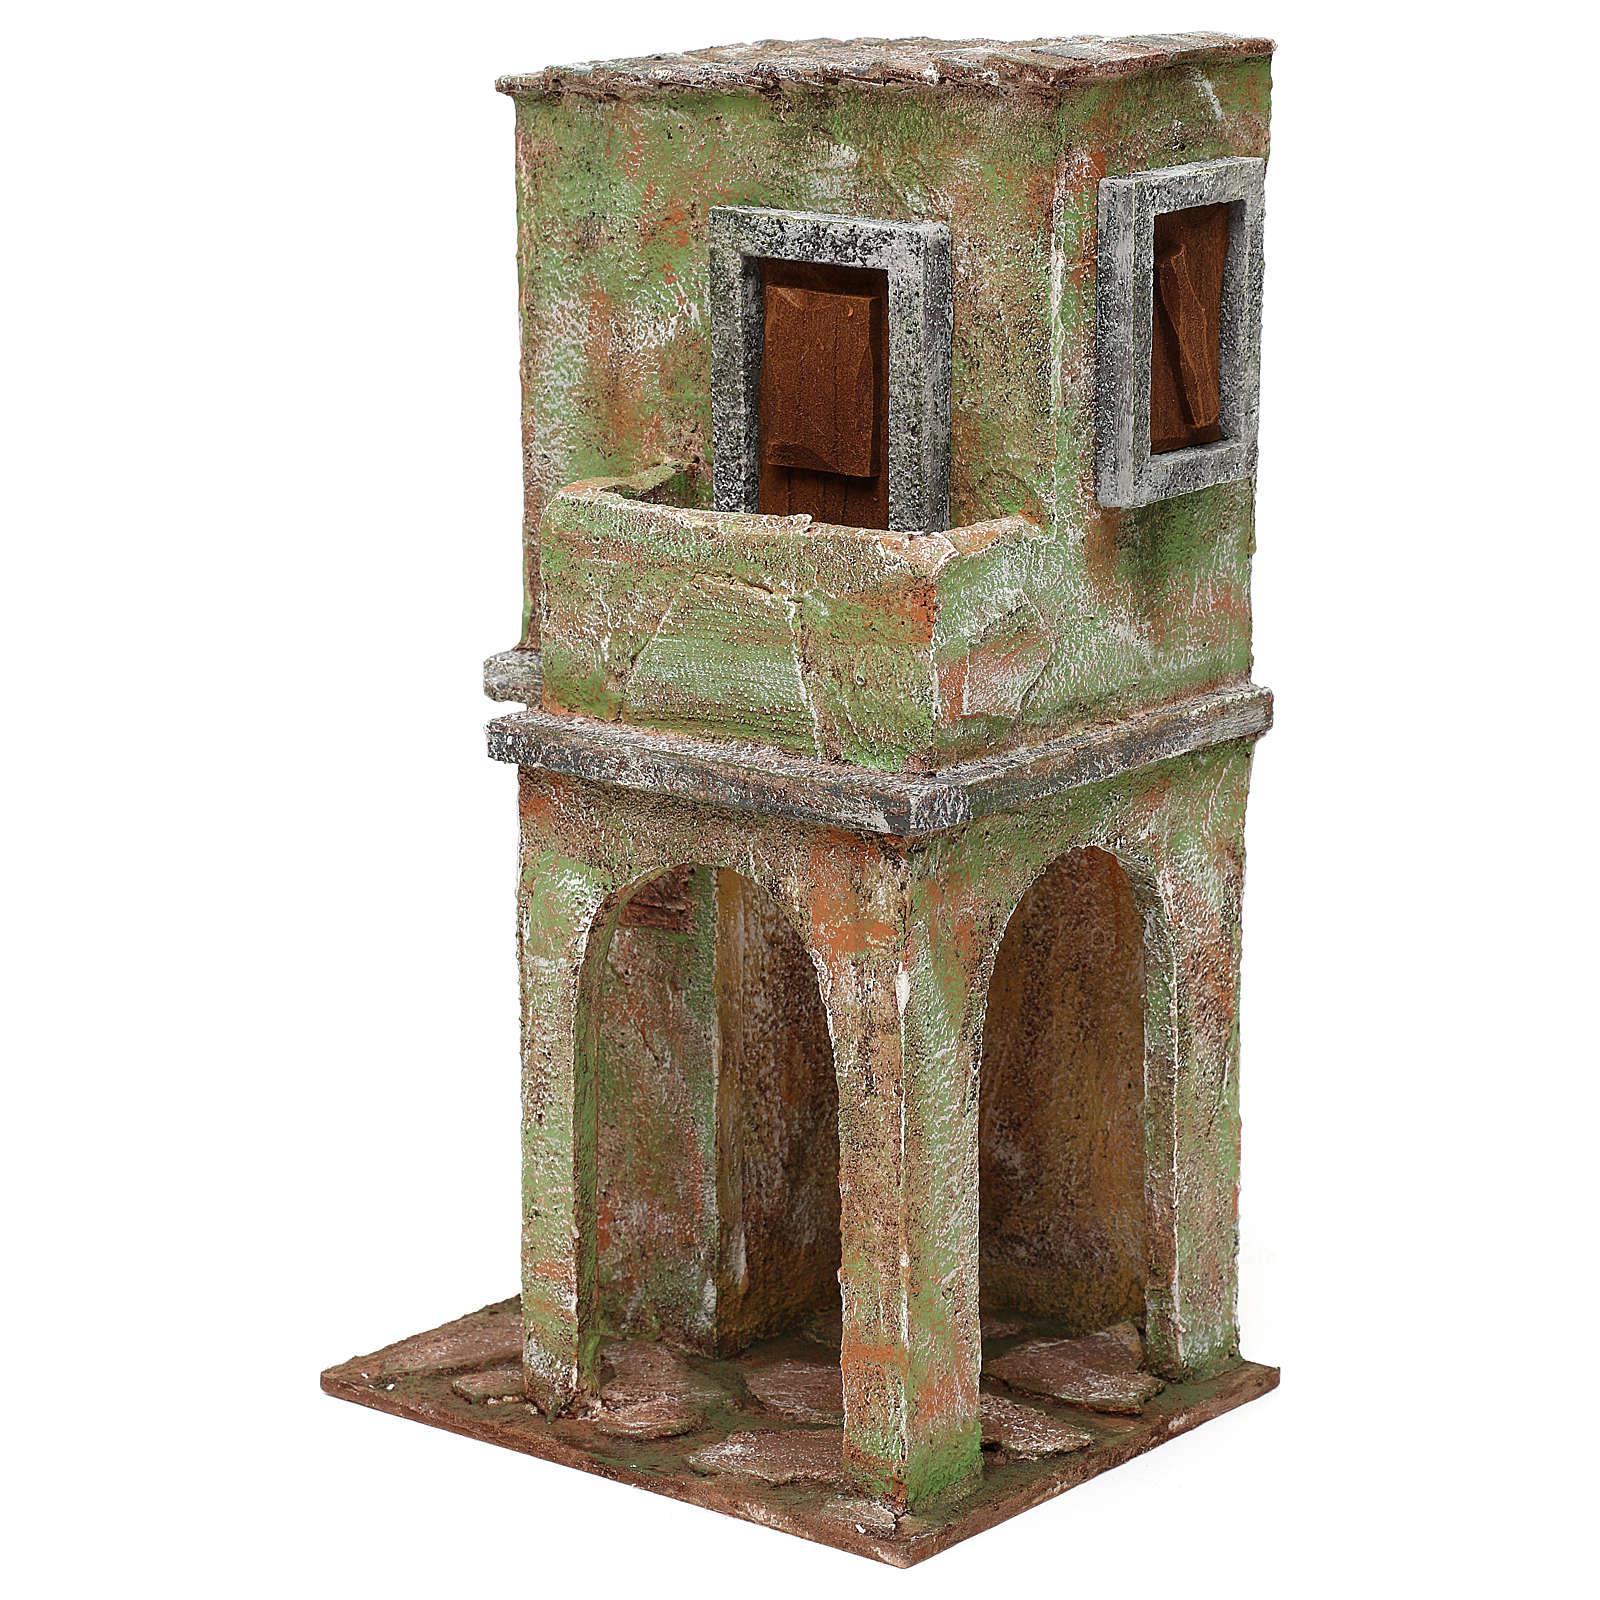 Casita mampostería verde con balcón y establo 35x20x15 cm belenes 12 cm 4